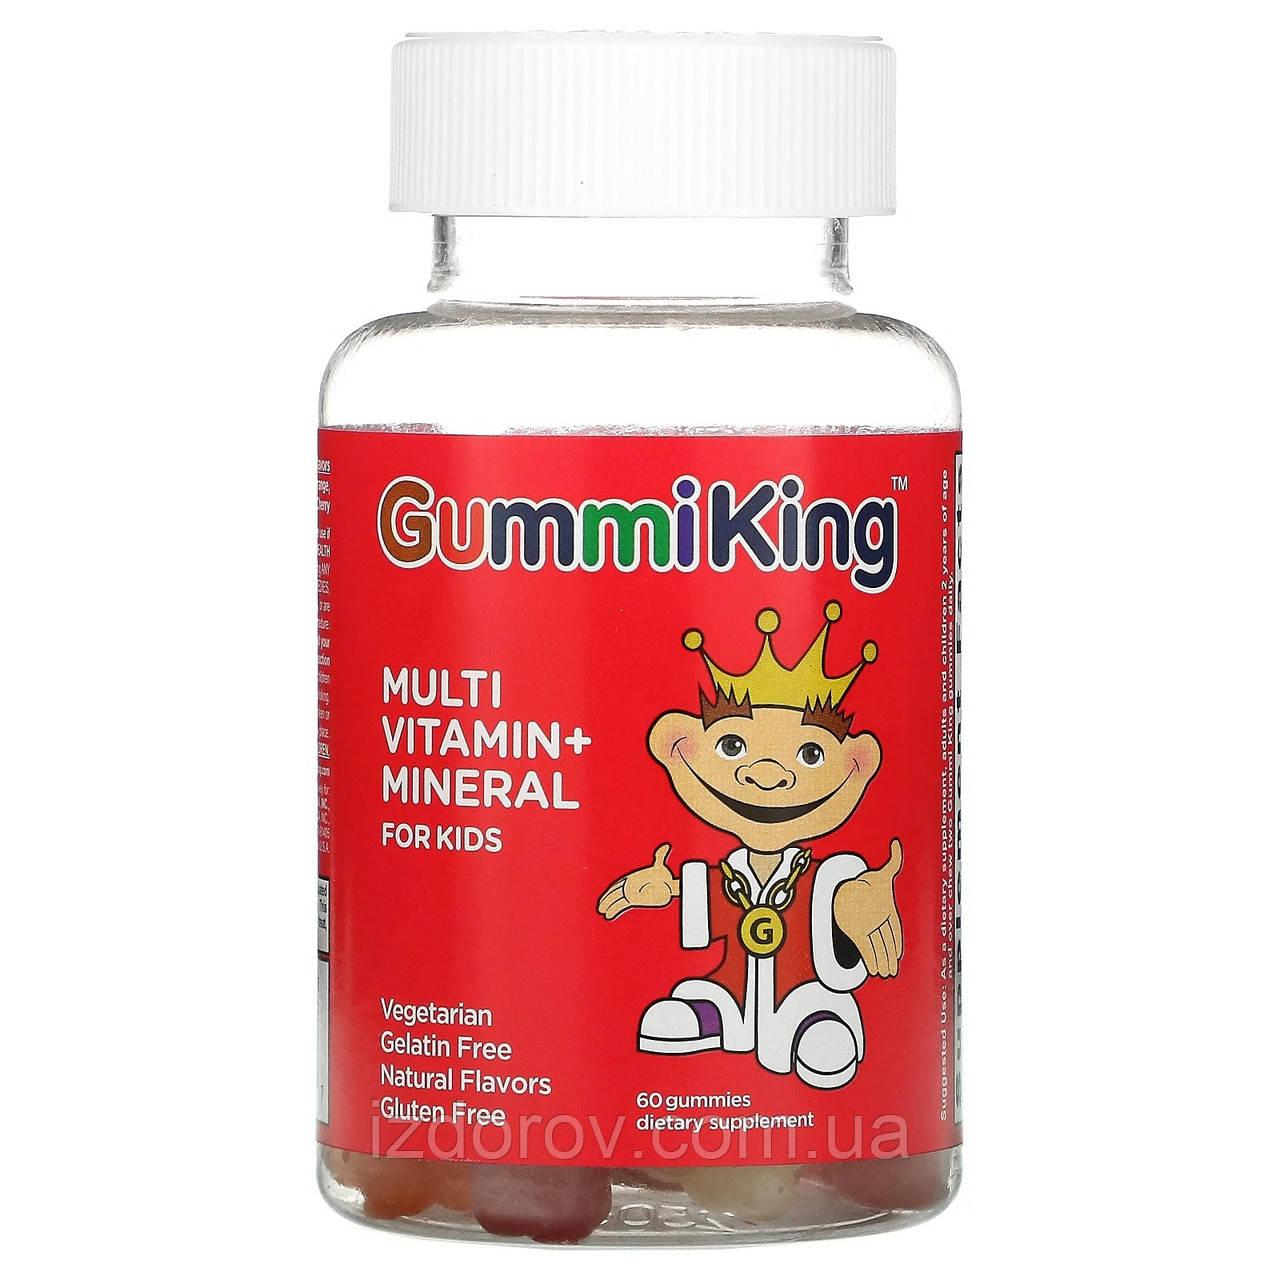 GummiKing, Мультивитамины и минералы для детей, Multi Vitamin Mineral For Kids, 60 жевательных мармеладок